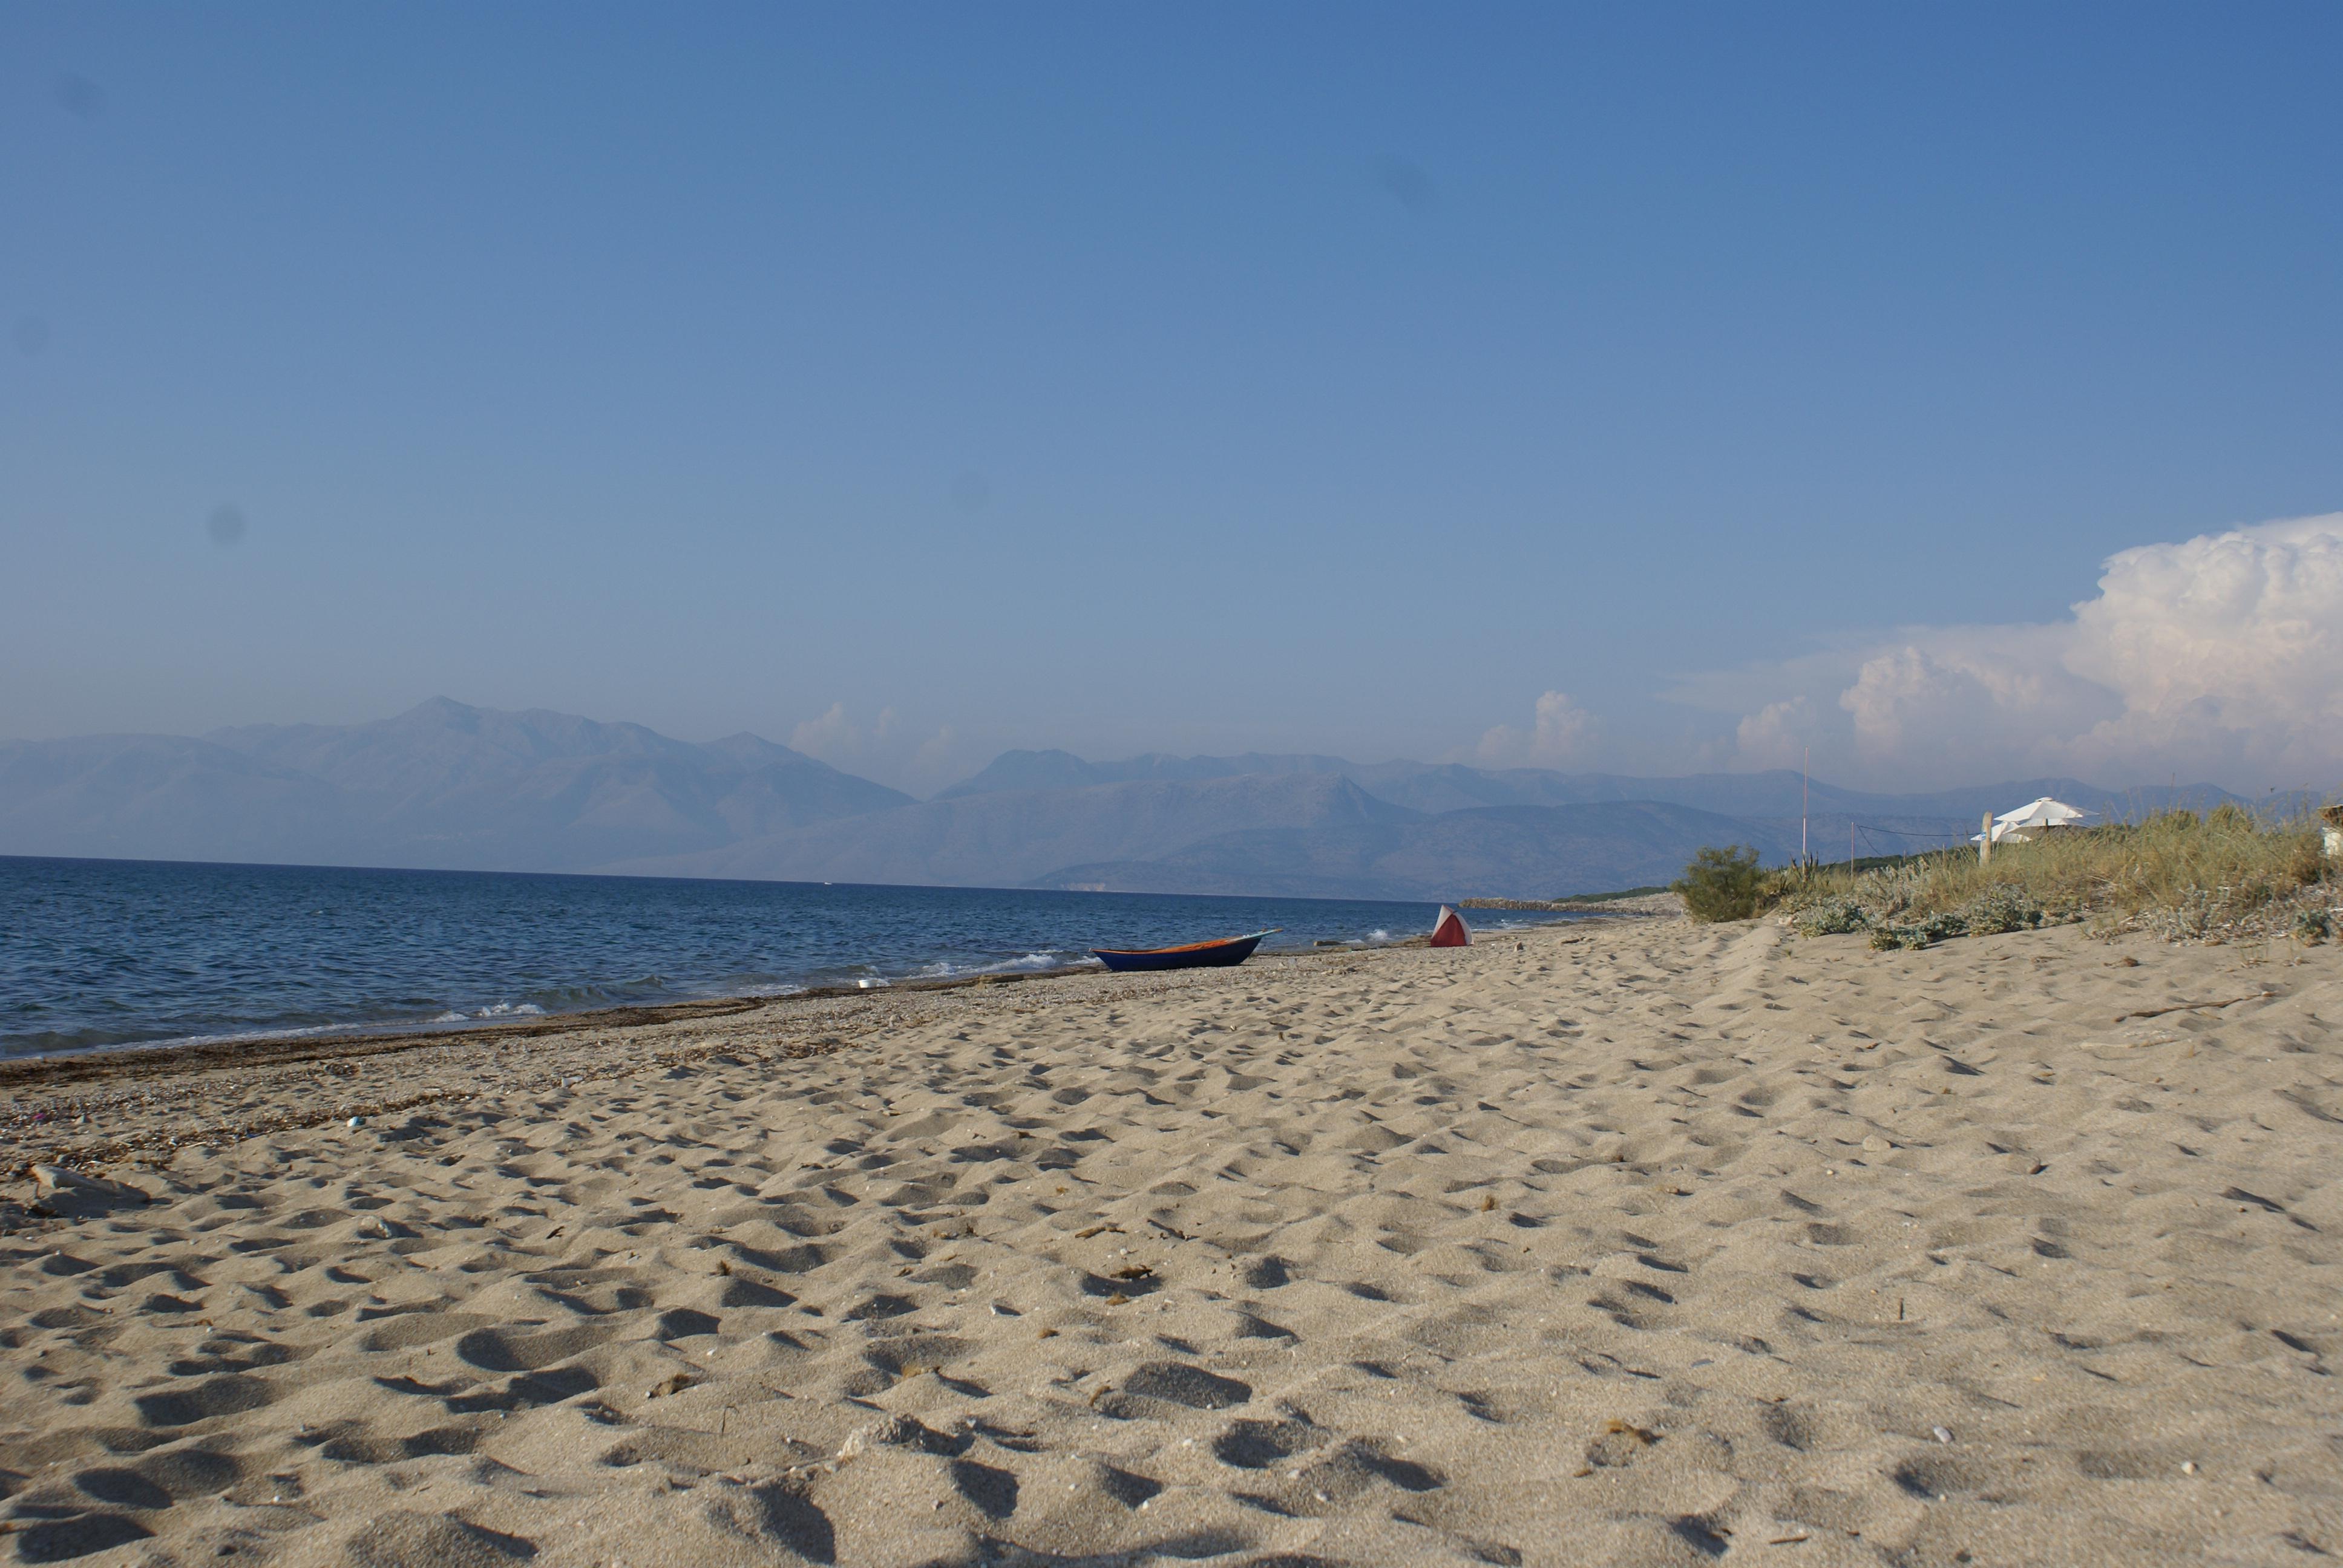 Strand von Almiros, Korfu, Griechenland, KorfuCorfu.de